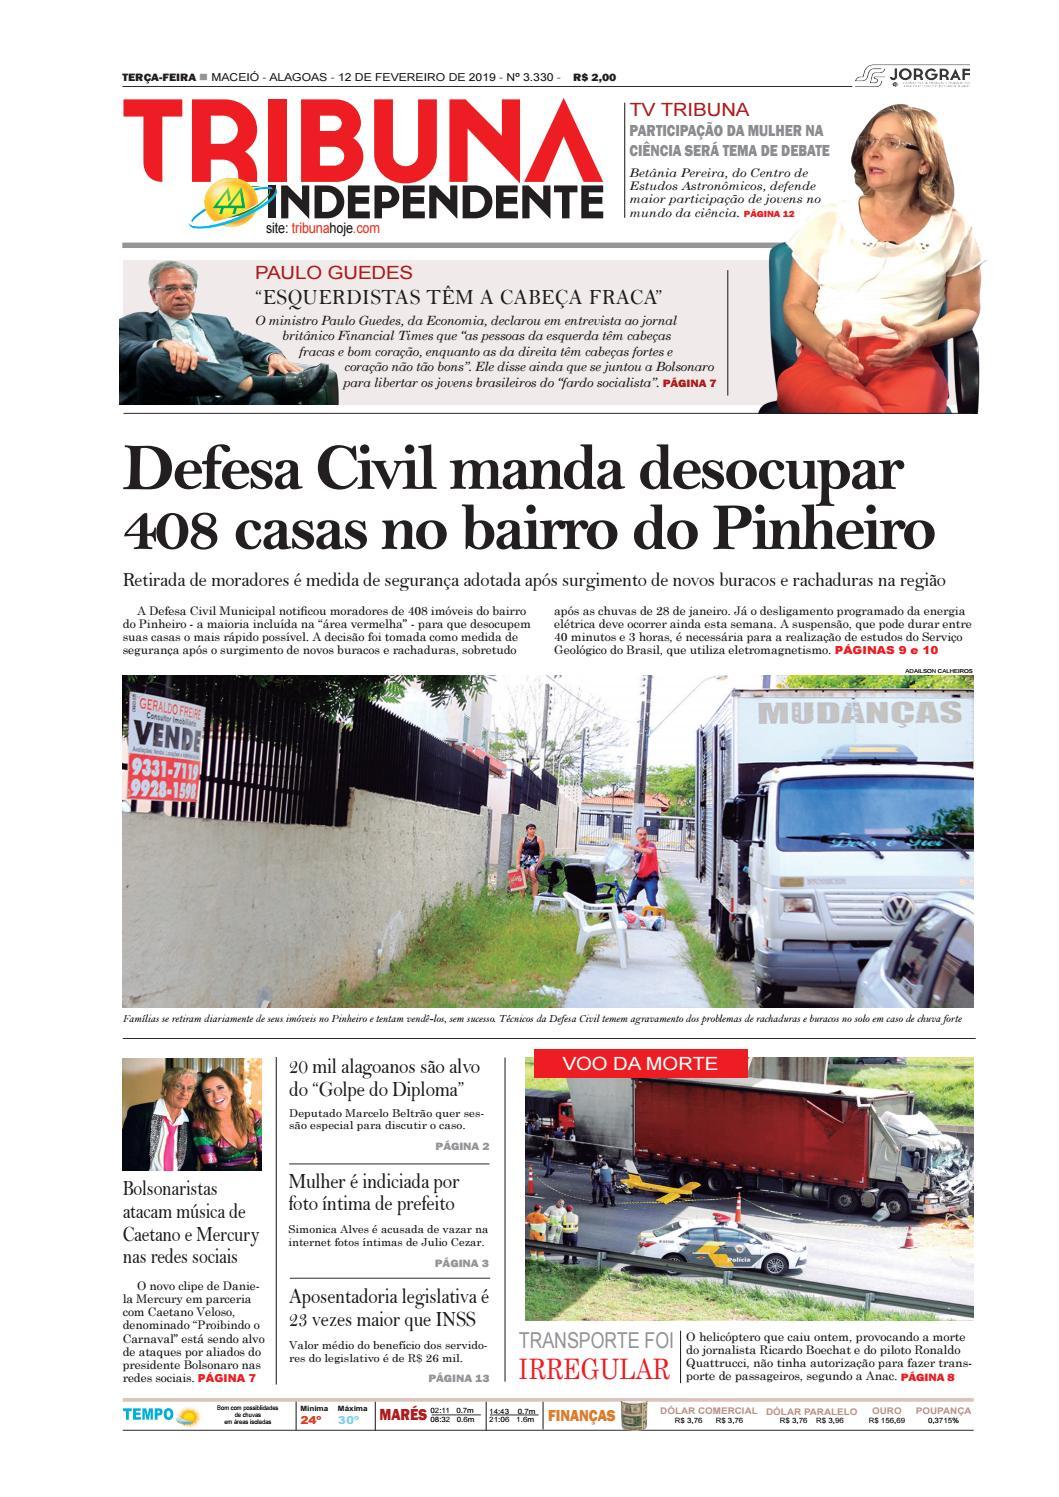 365a3f522 Edição número 3330 - 12 de fevereiro de 2019 by Tribuna Hoje - issuu